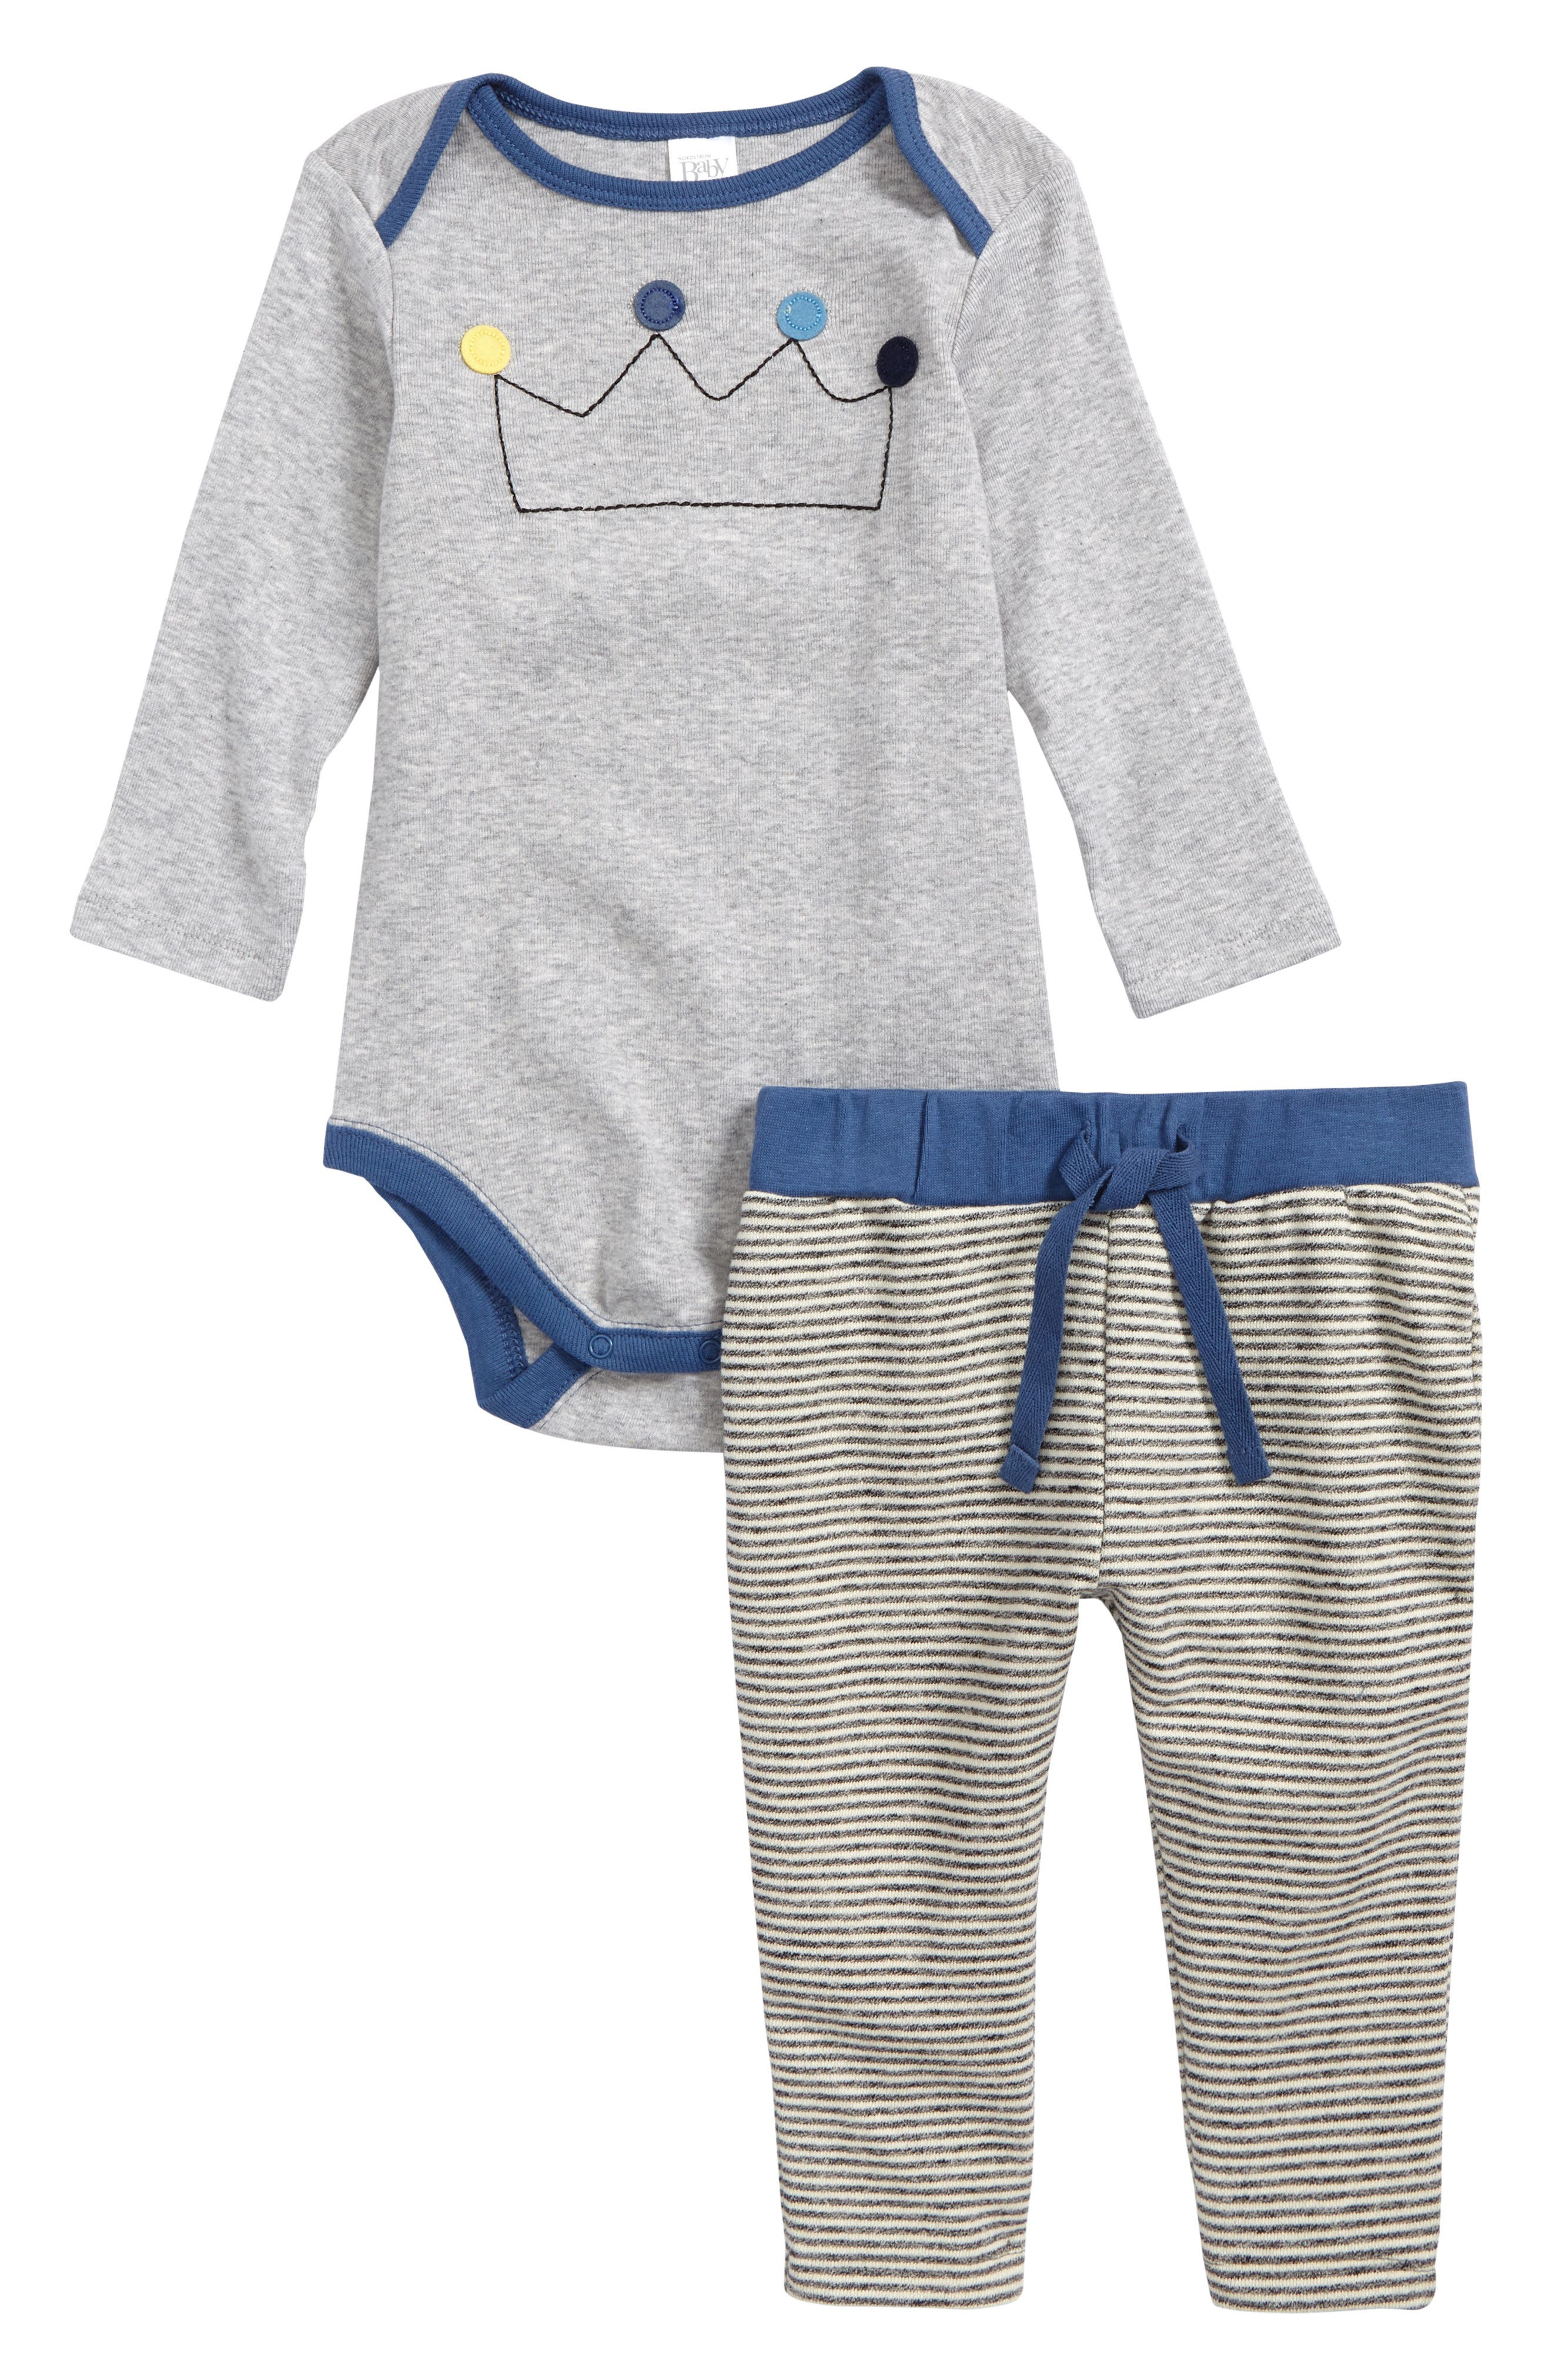 Appliqué Bodysuit & Sweatpants Set,                             Main thumbnail 1, color,                             Grey Ash Heather Crown